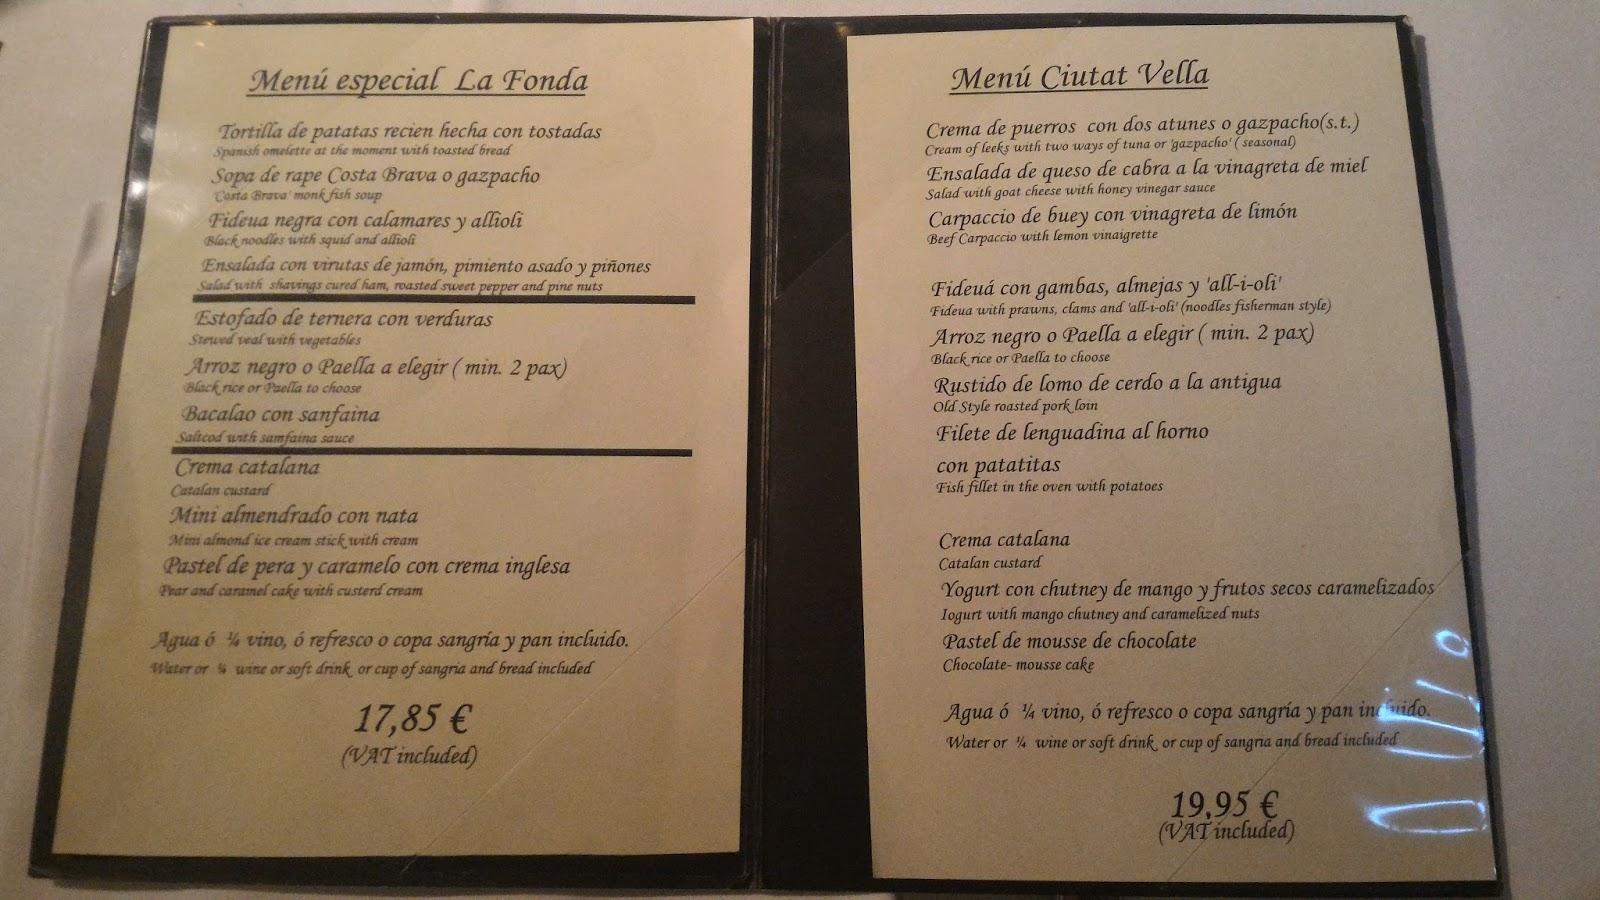 P 20160829 193432 - 【巴塞隆納】La Fonda 便宜親民,CP值超高的西班牙餐廳